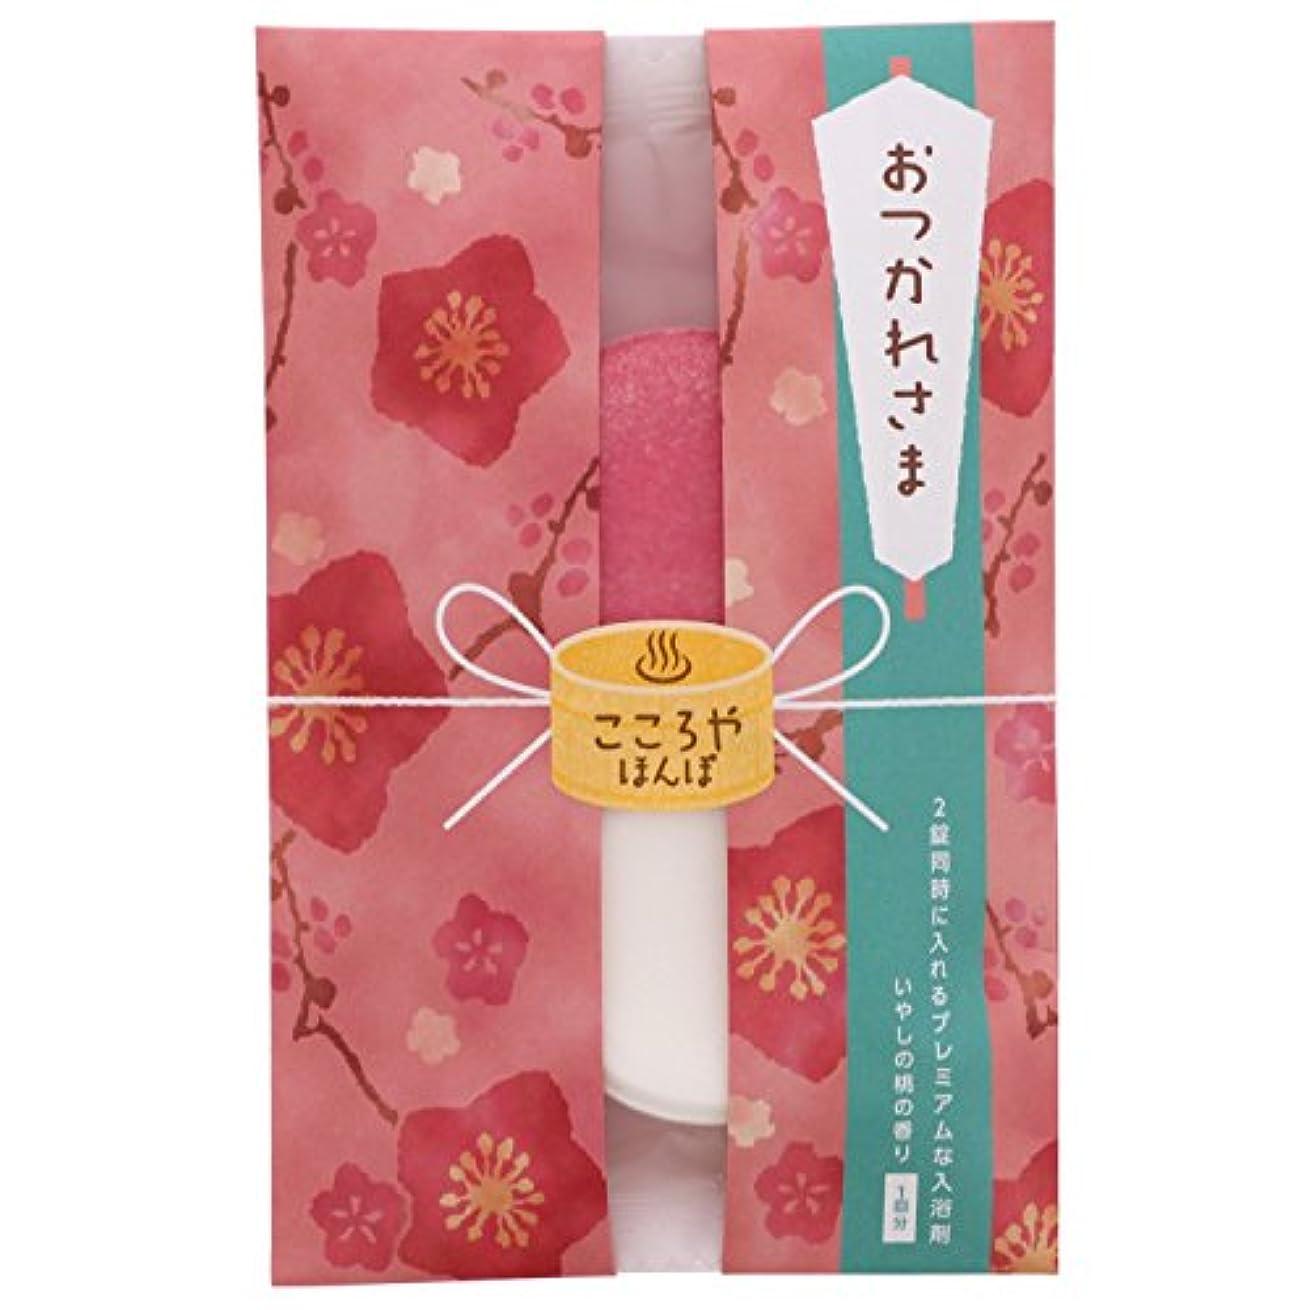 ステレオタイプ肥沃な解任こころやほんぽ カジュアルギフト 入浴剤 おつかれさま 桃の香り 50g